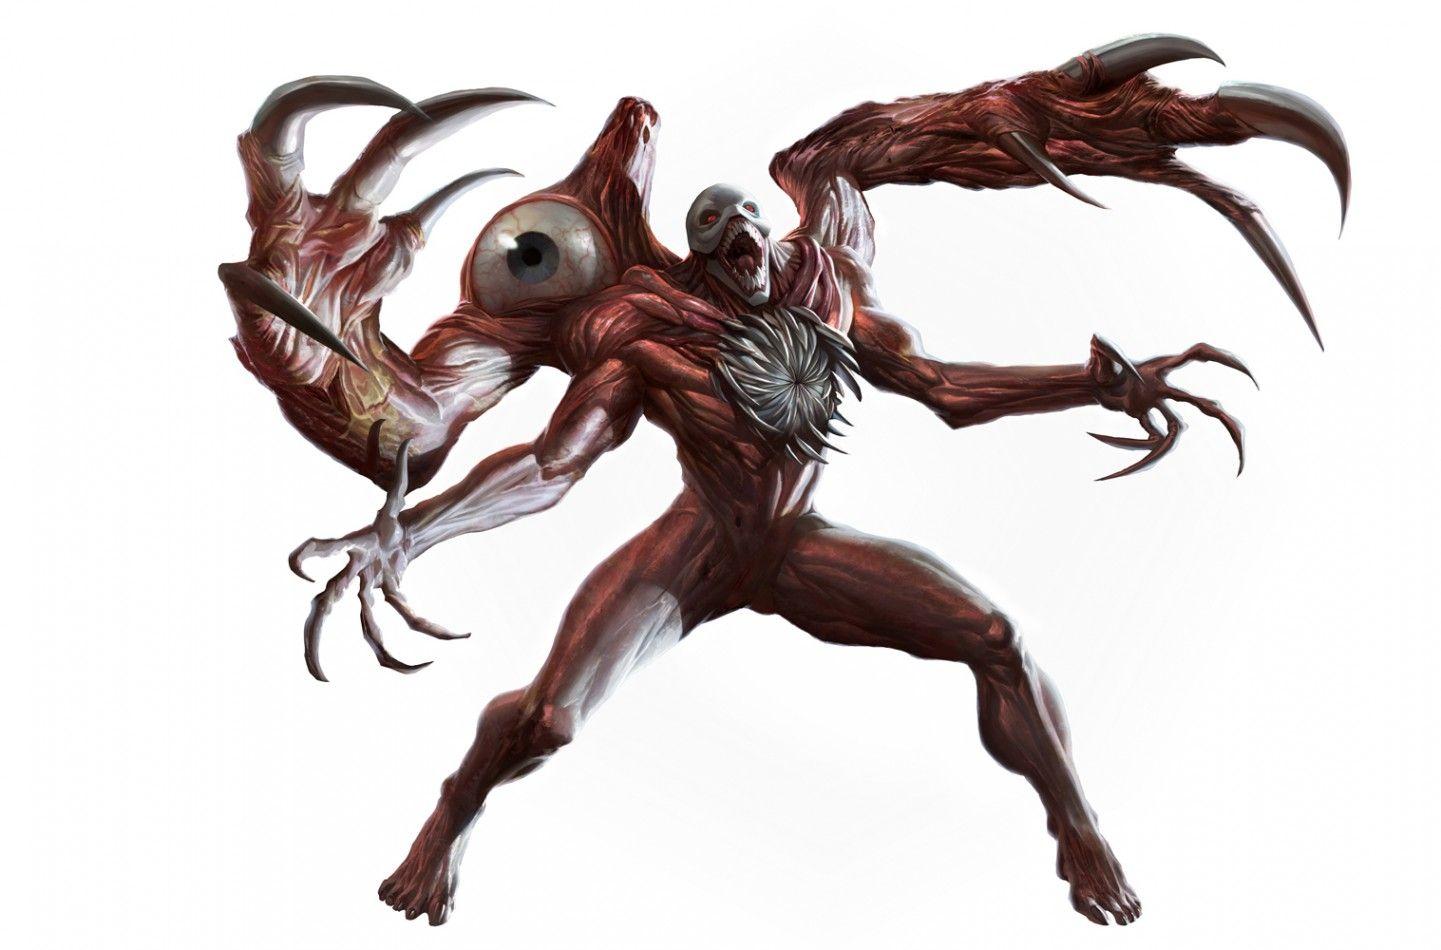 Картинки мутантов из обитель зла